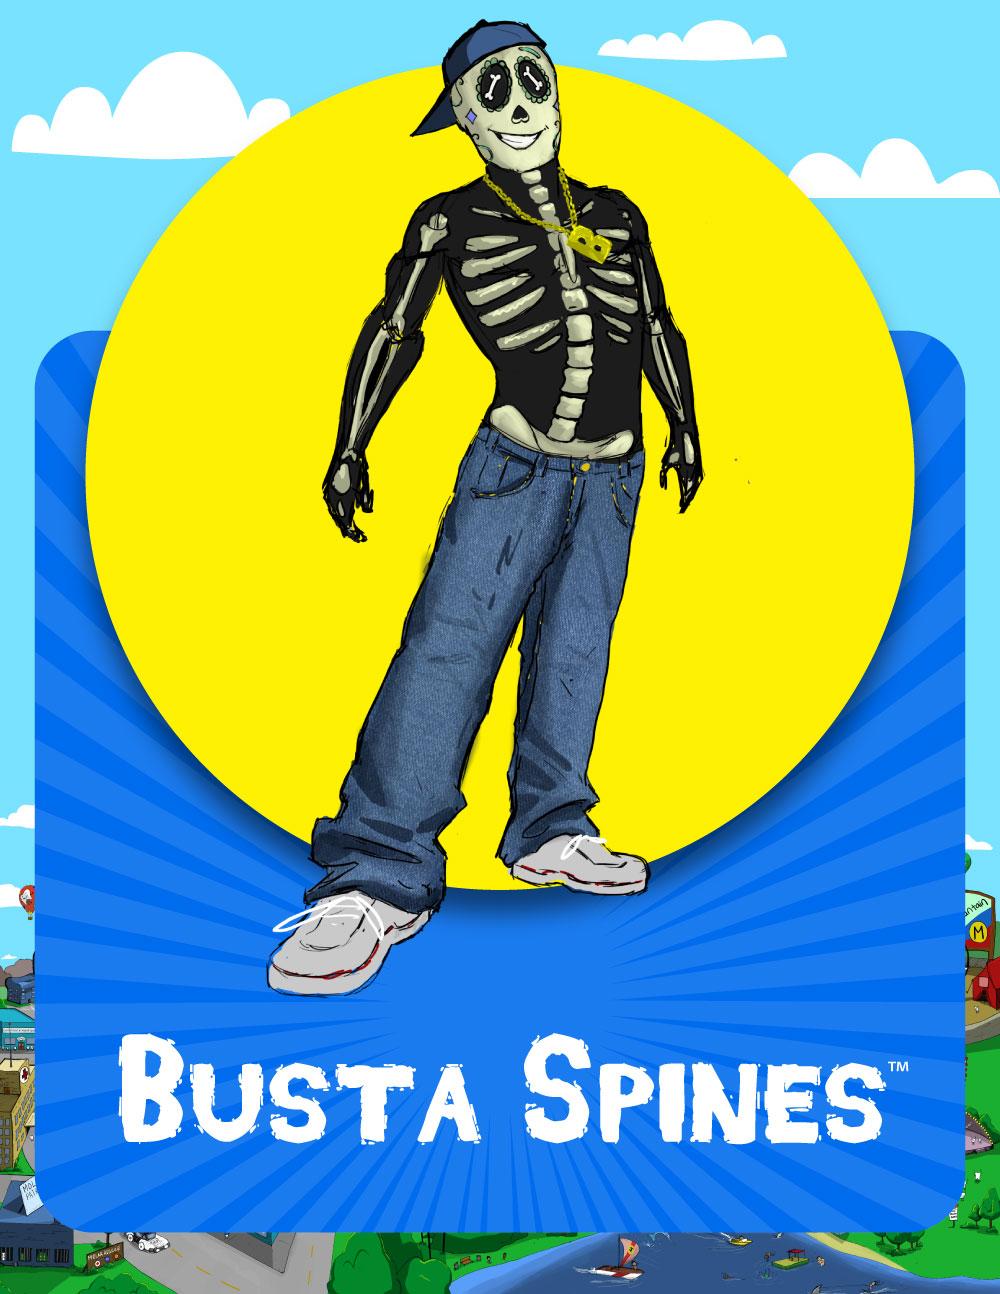 Busta Spines